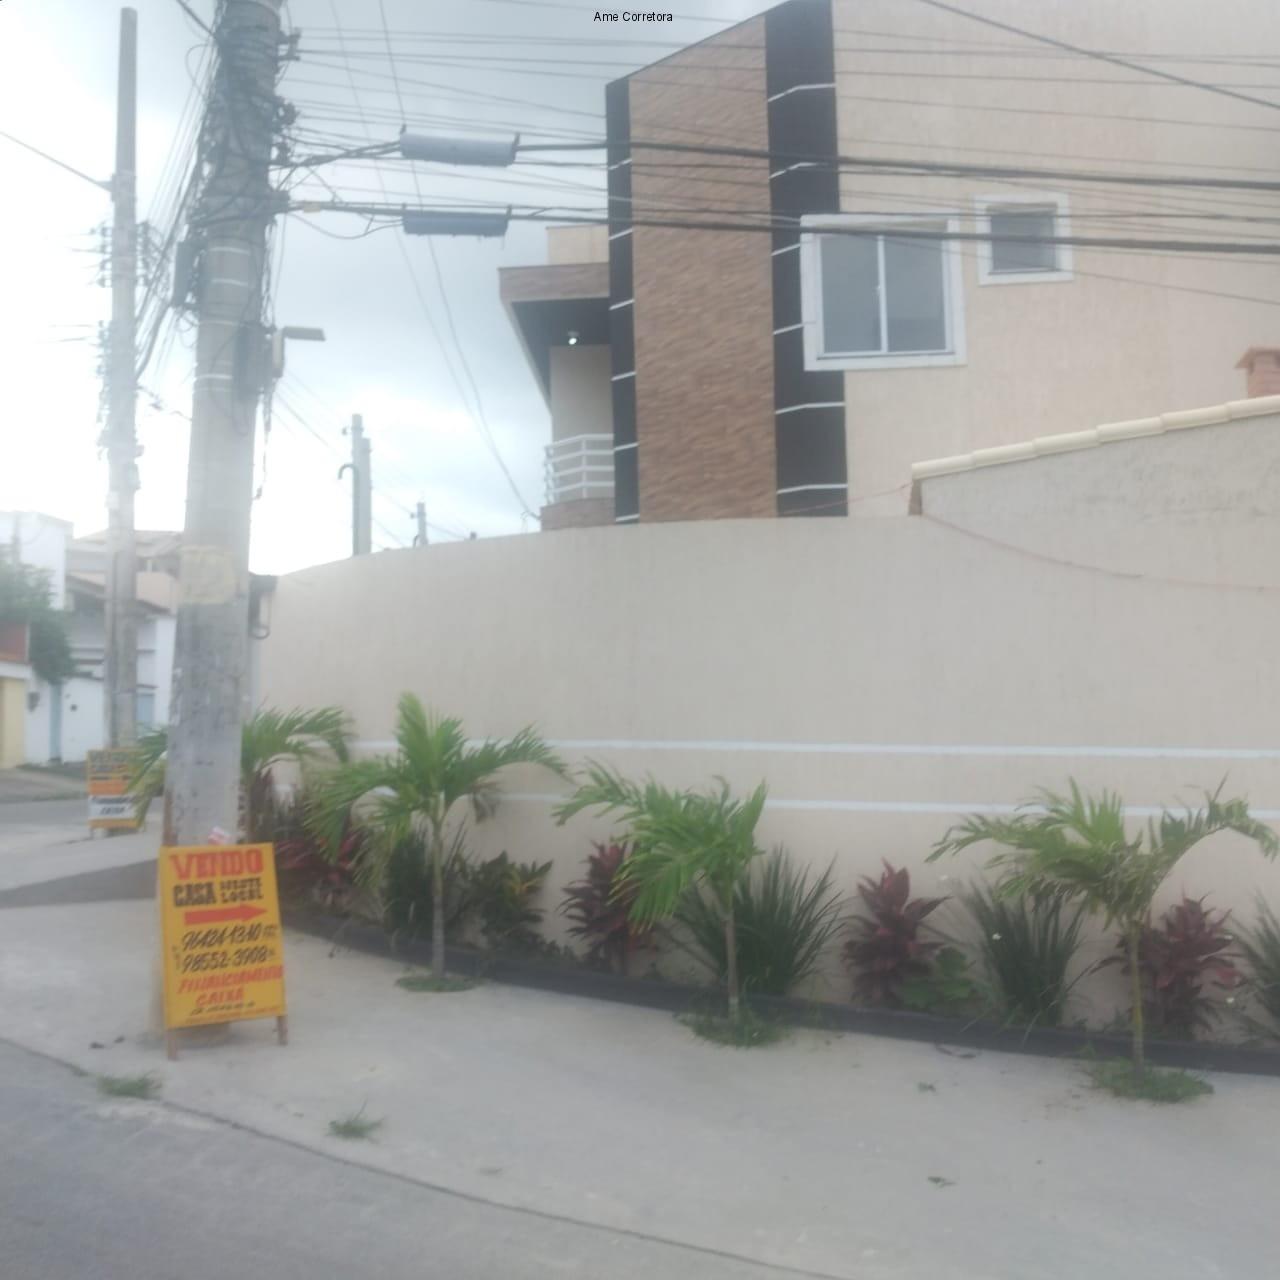 FOTO 15 - Casa 2 quartos à venda Rio de Janeiro,RJ - R$ 230.000 - CA00810 - 16